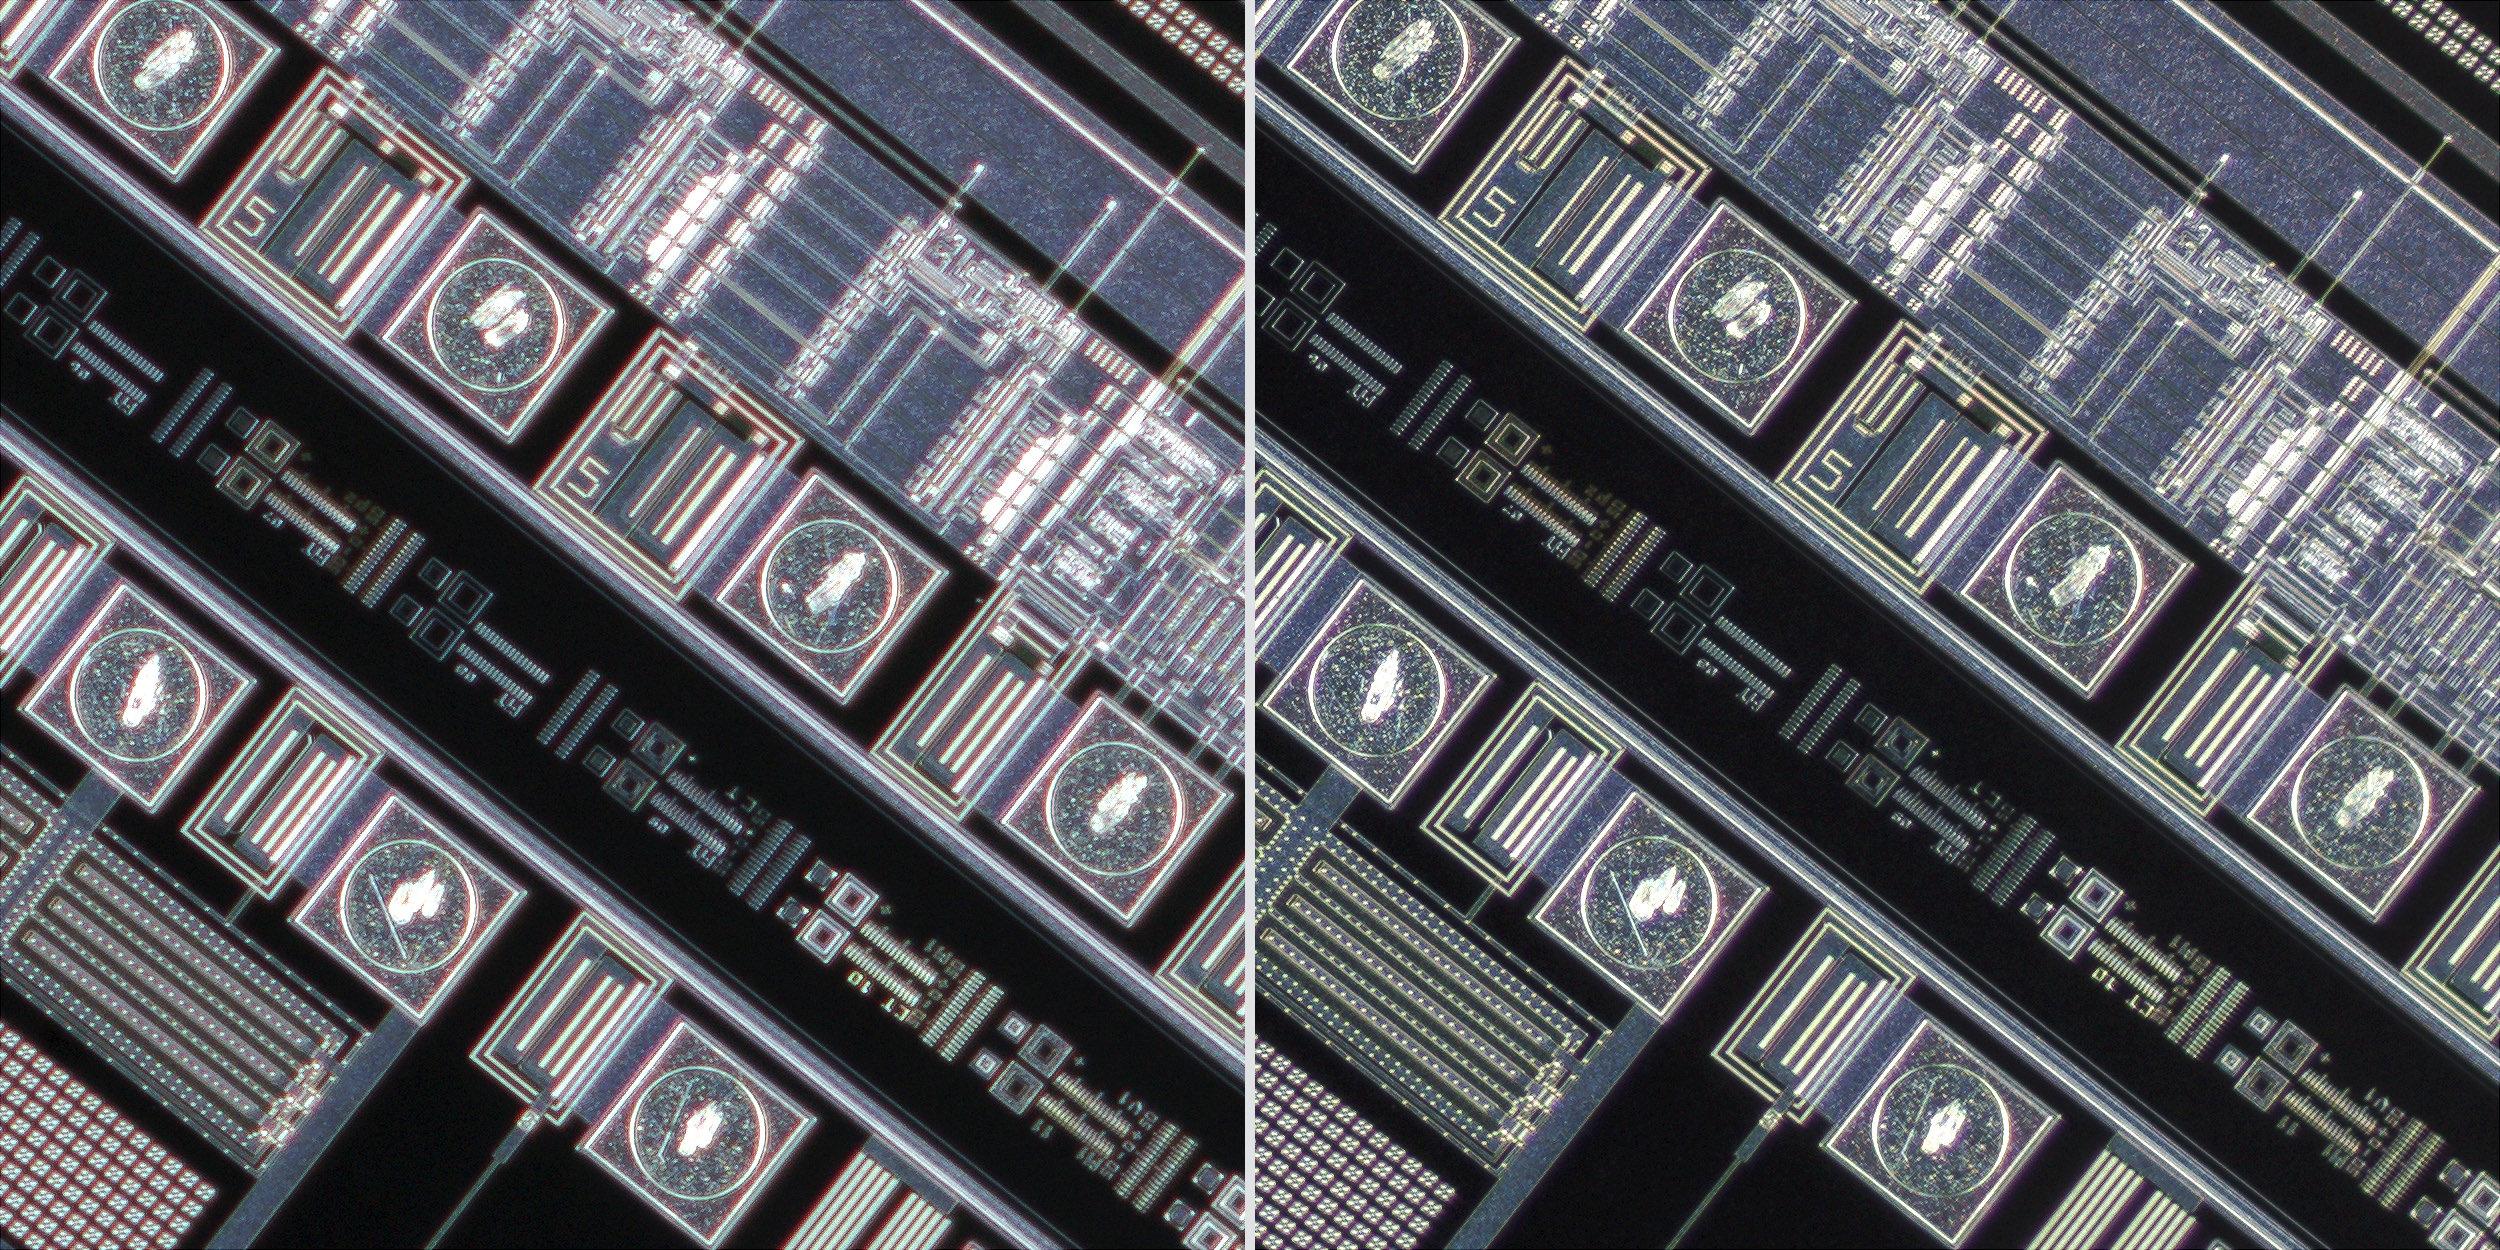 Canon MP-E 65mm f/2.8 1-5x Macro Photo lens vs Sigma 150 f2.8 OS + Xenon 28mm f2 Line Scan Lens 100% Corner Crops